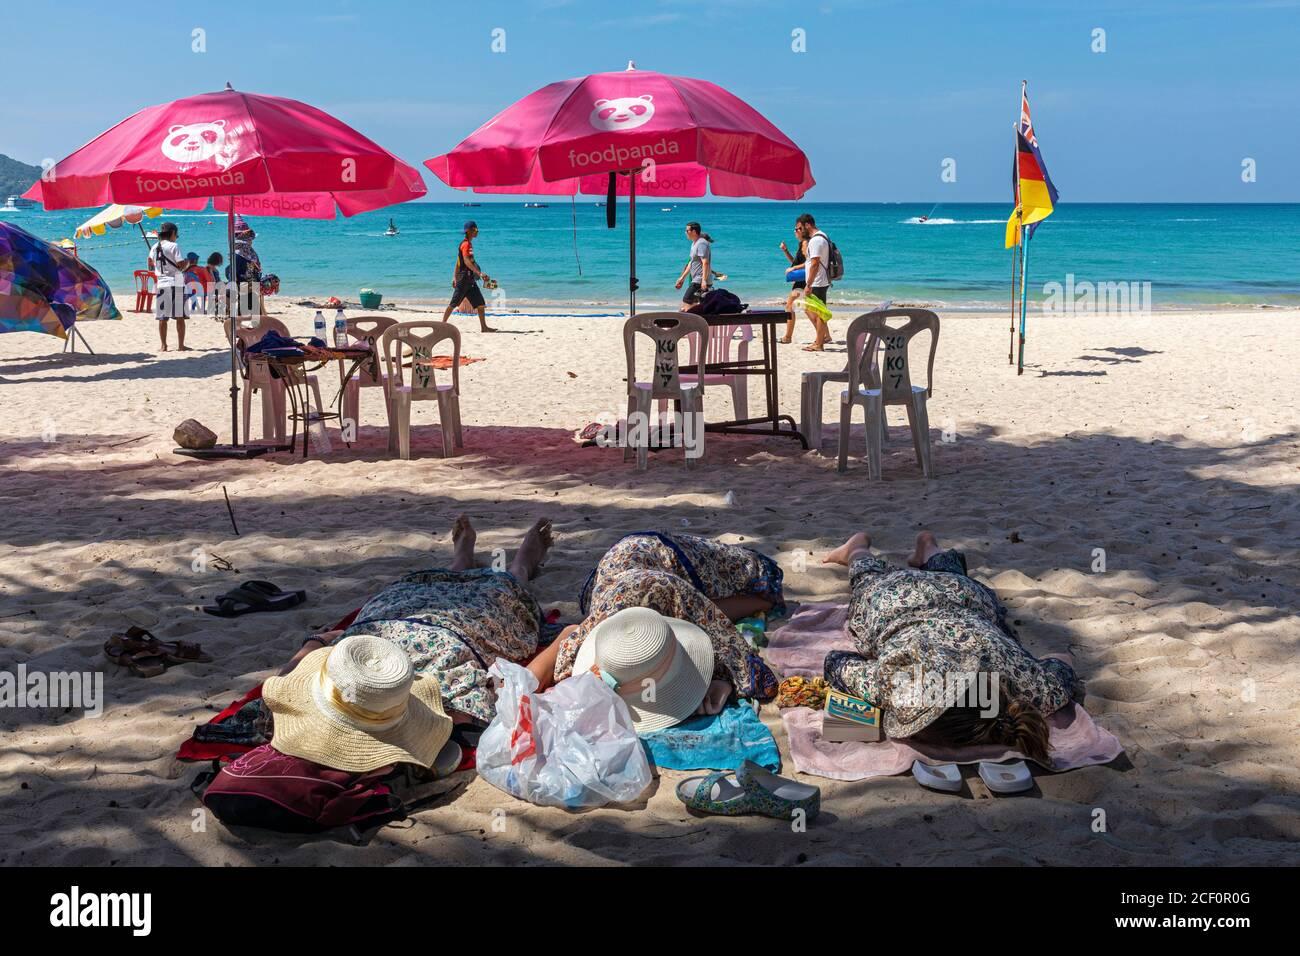 Touristes dormant sur le sable à Patong Beach, Phuket, Thaïlande Banque D'Images